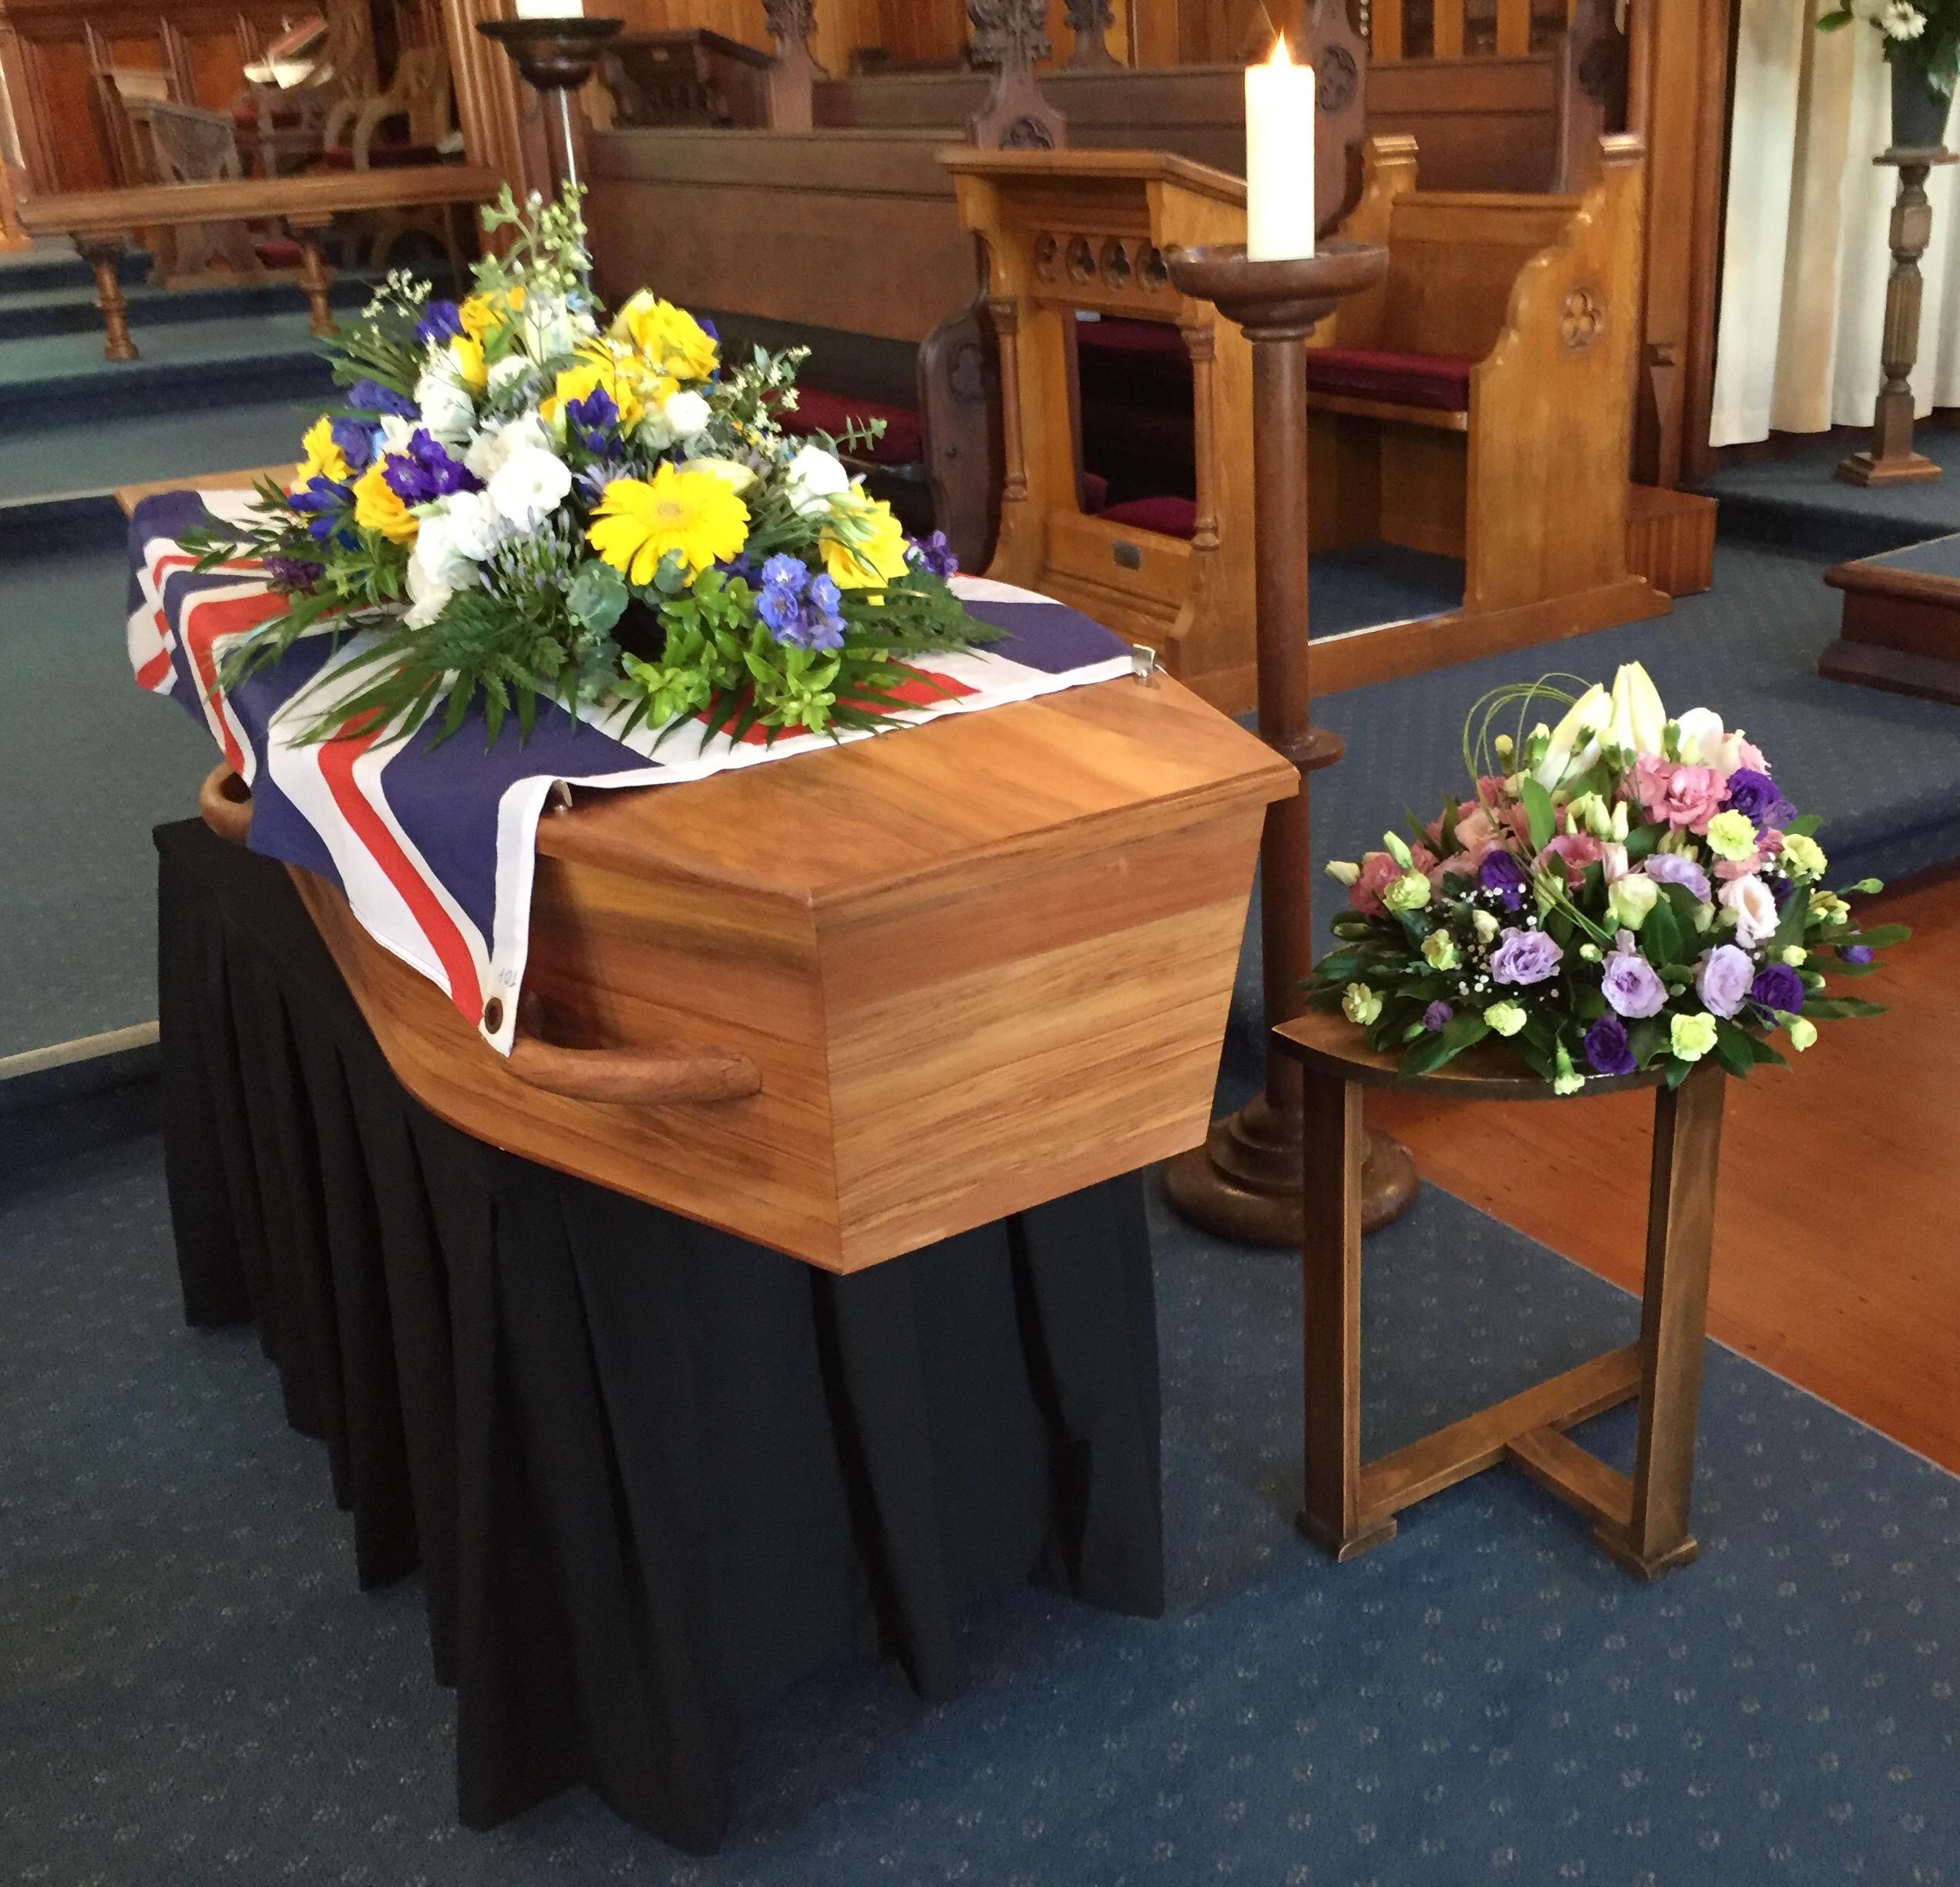 Clare's coffin